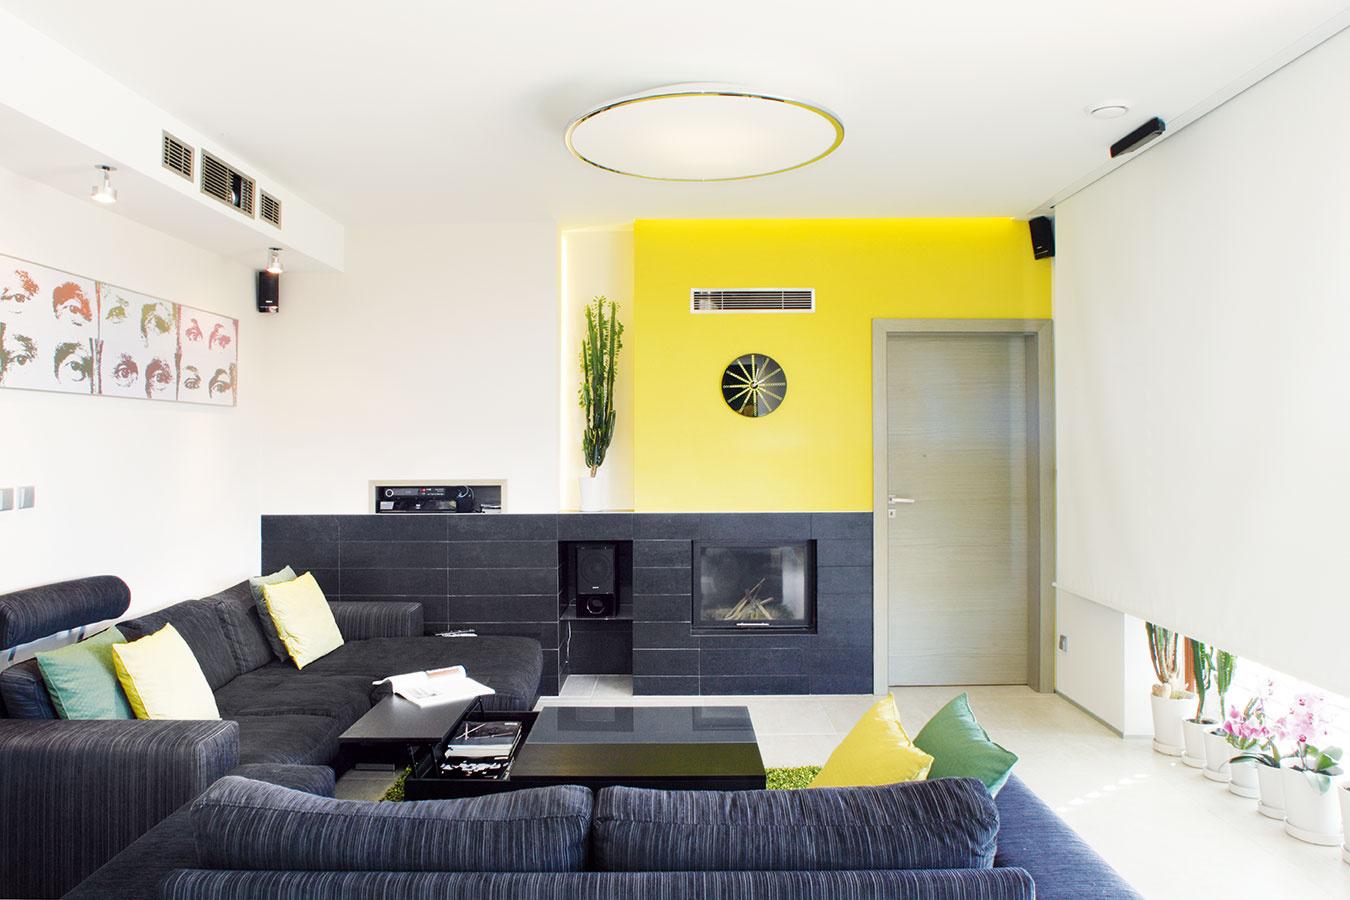 Elegantné apraktické riešenia. Na jednej strane otvoreného denného priestoru nadväzuje na obývačku spálňa, na druhej na jedáleň pracovňa spríležitostnou funkciou hosťovskej izby. Celý interiér je zariadený striedmo aelegantne, no zároveňprakticky.